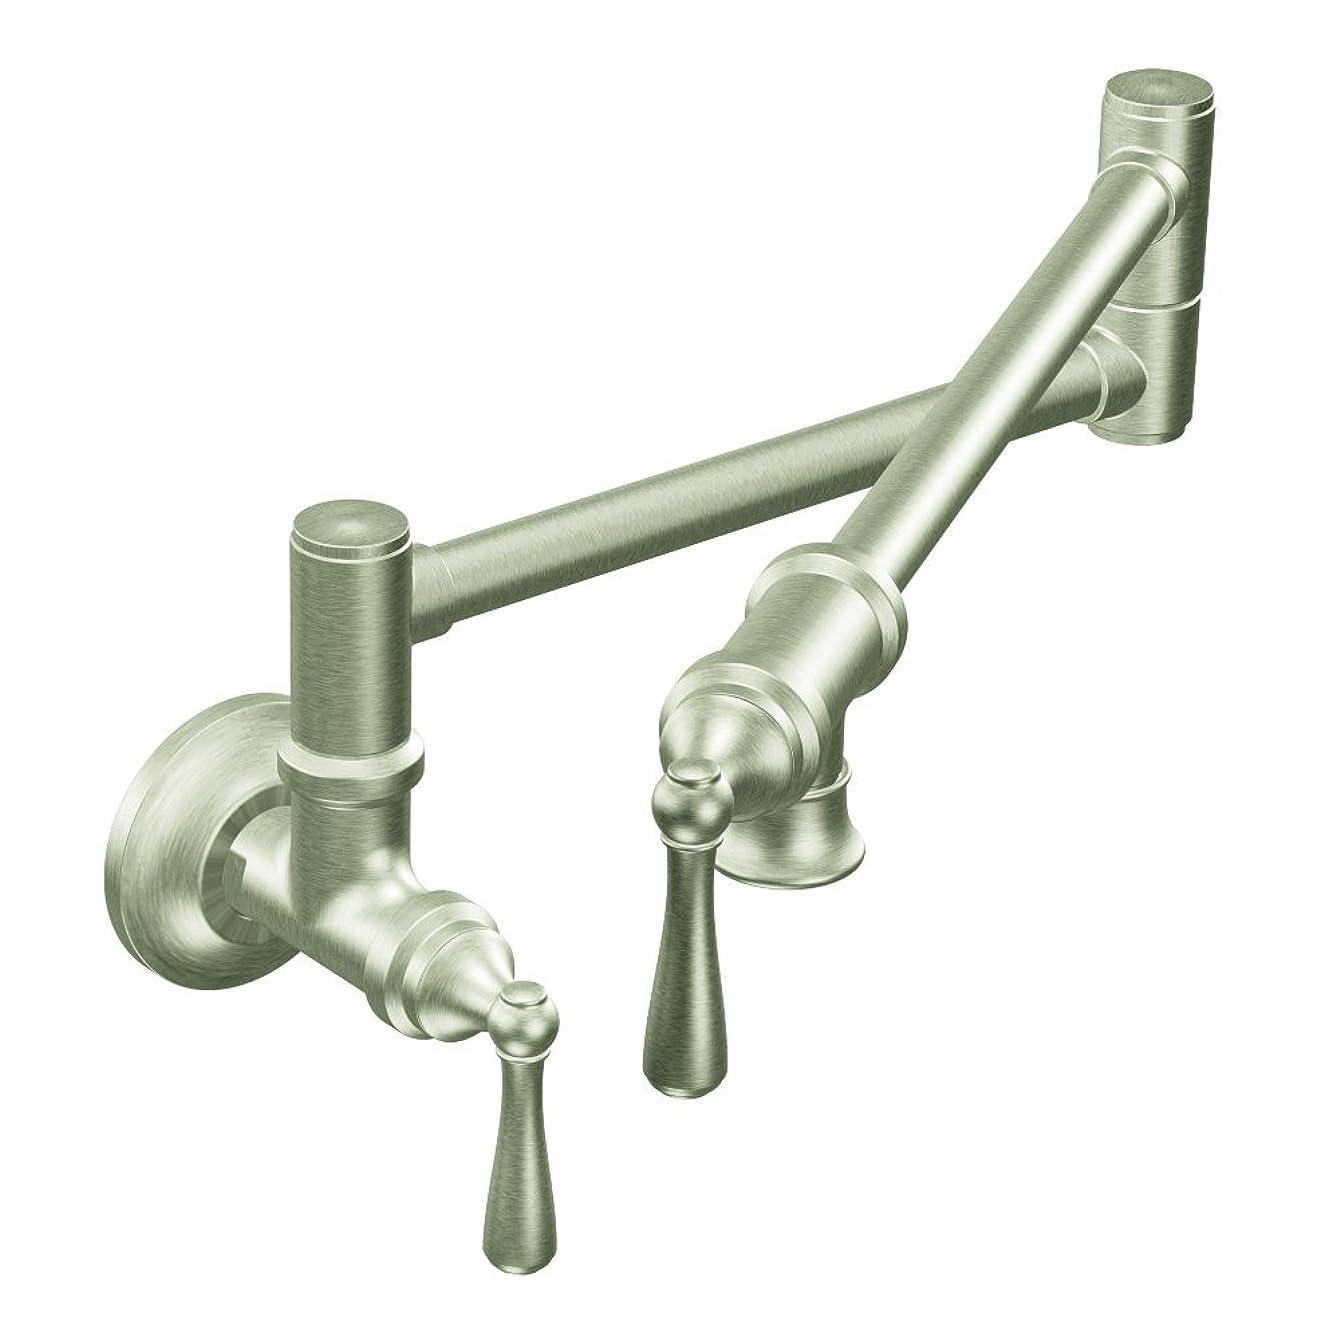 Moen S664SRS Traditional Pot Filler Kitchen Faucet, Spot Resist Stainless